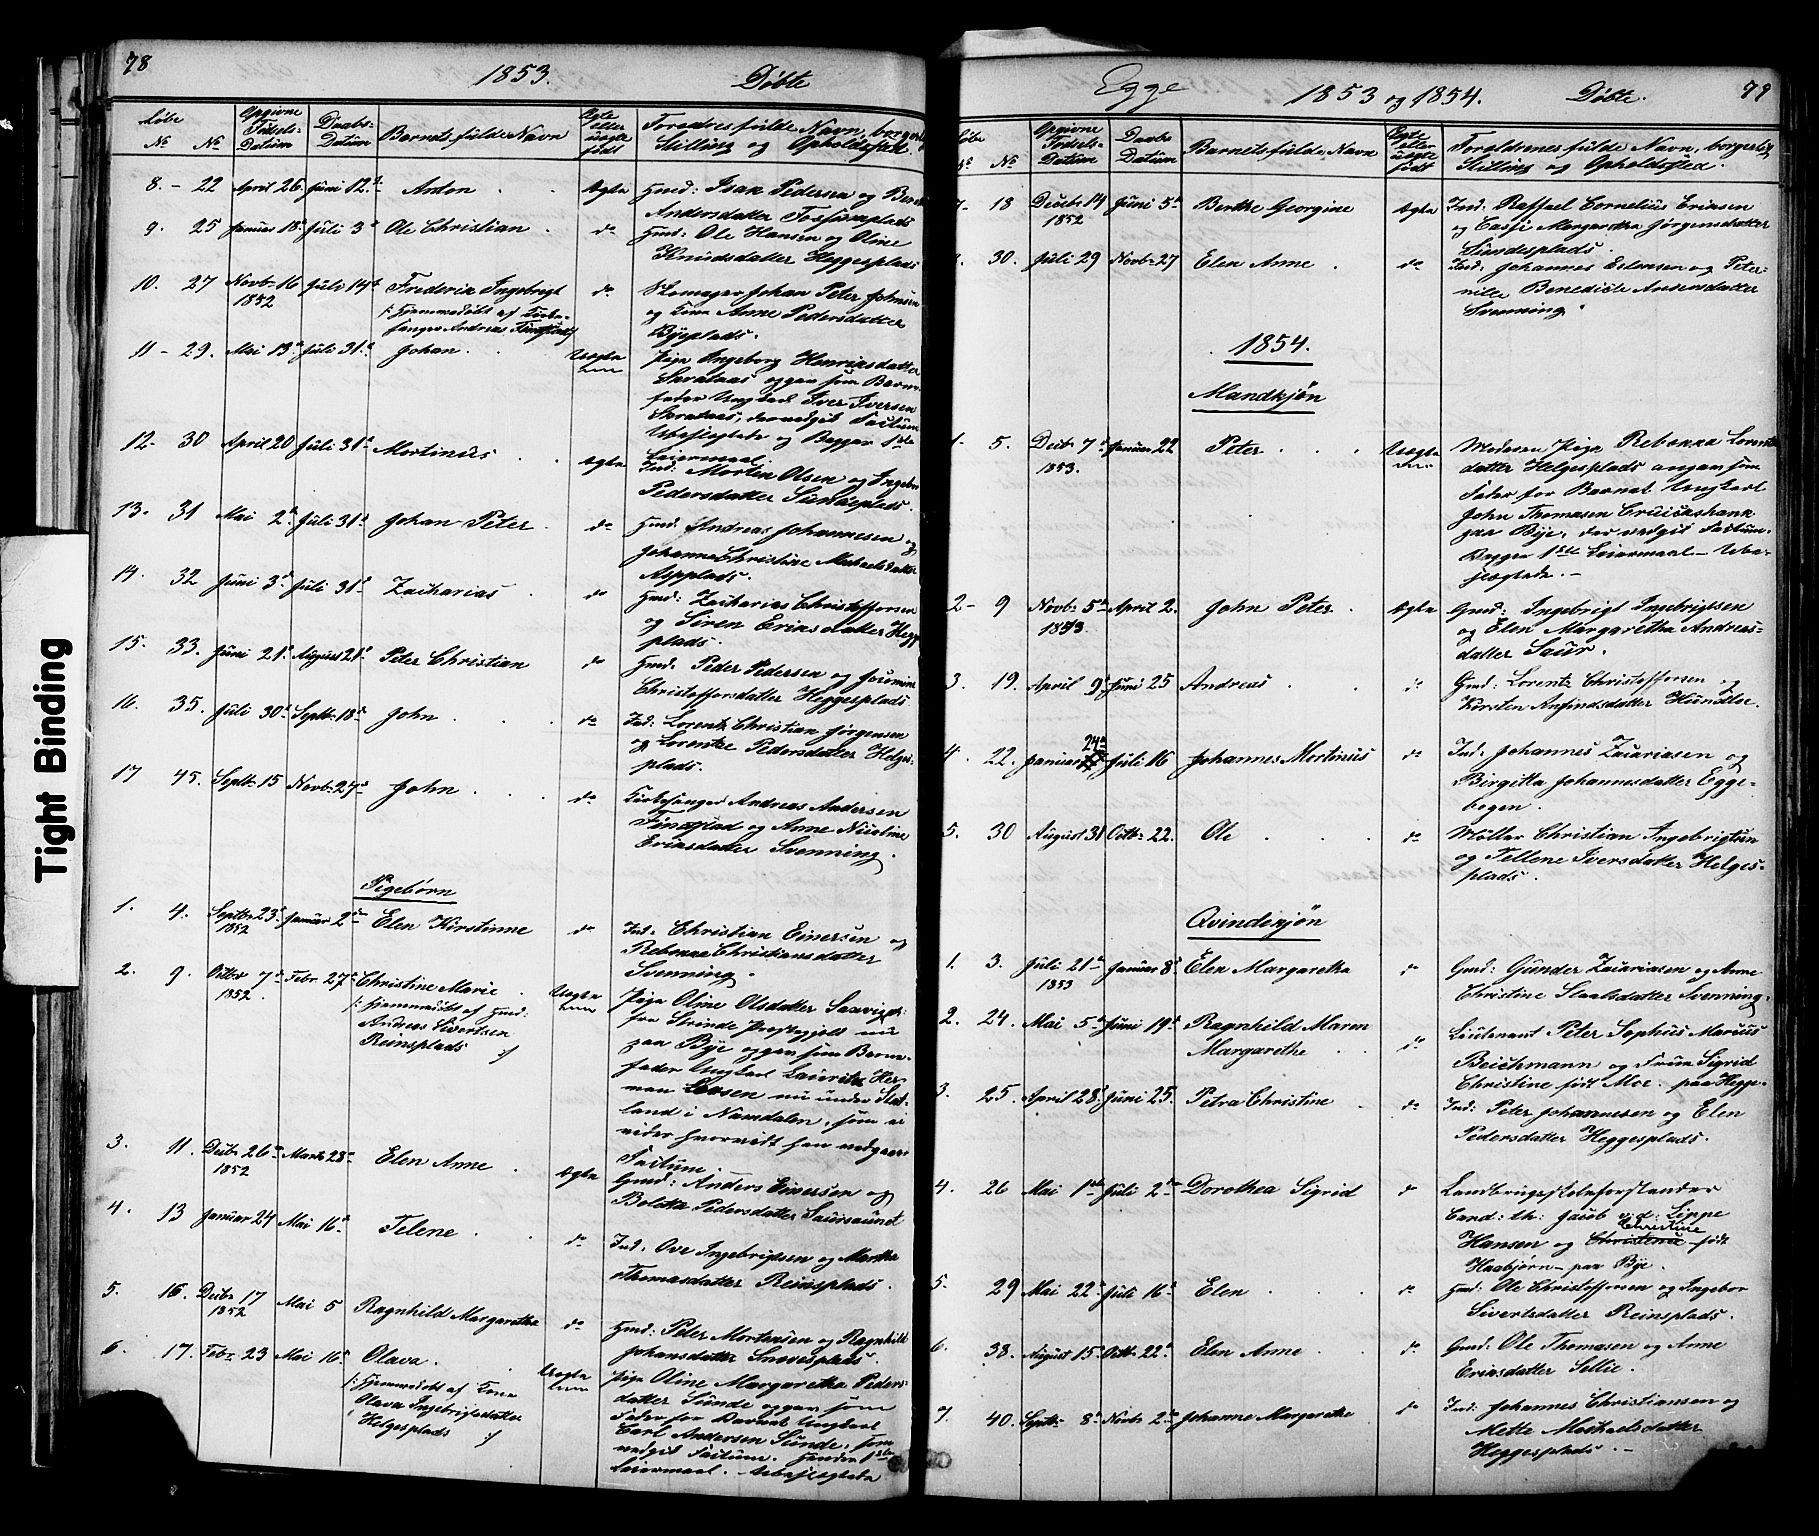 SAT, Ministerialprotokoller, klokkerbøker og fødselsregistre - Nord-Trøndelag, 739/L0367: Ministerialbok nr. 739A01 /3, 1838-1868, s. 78-79